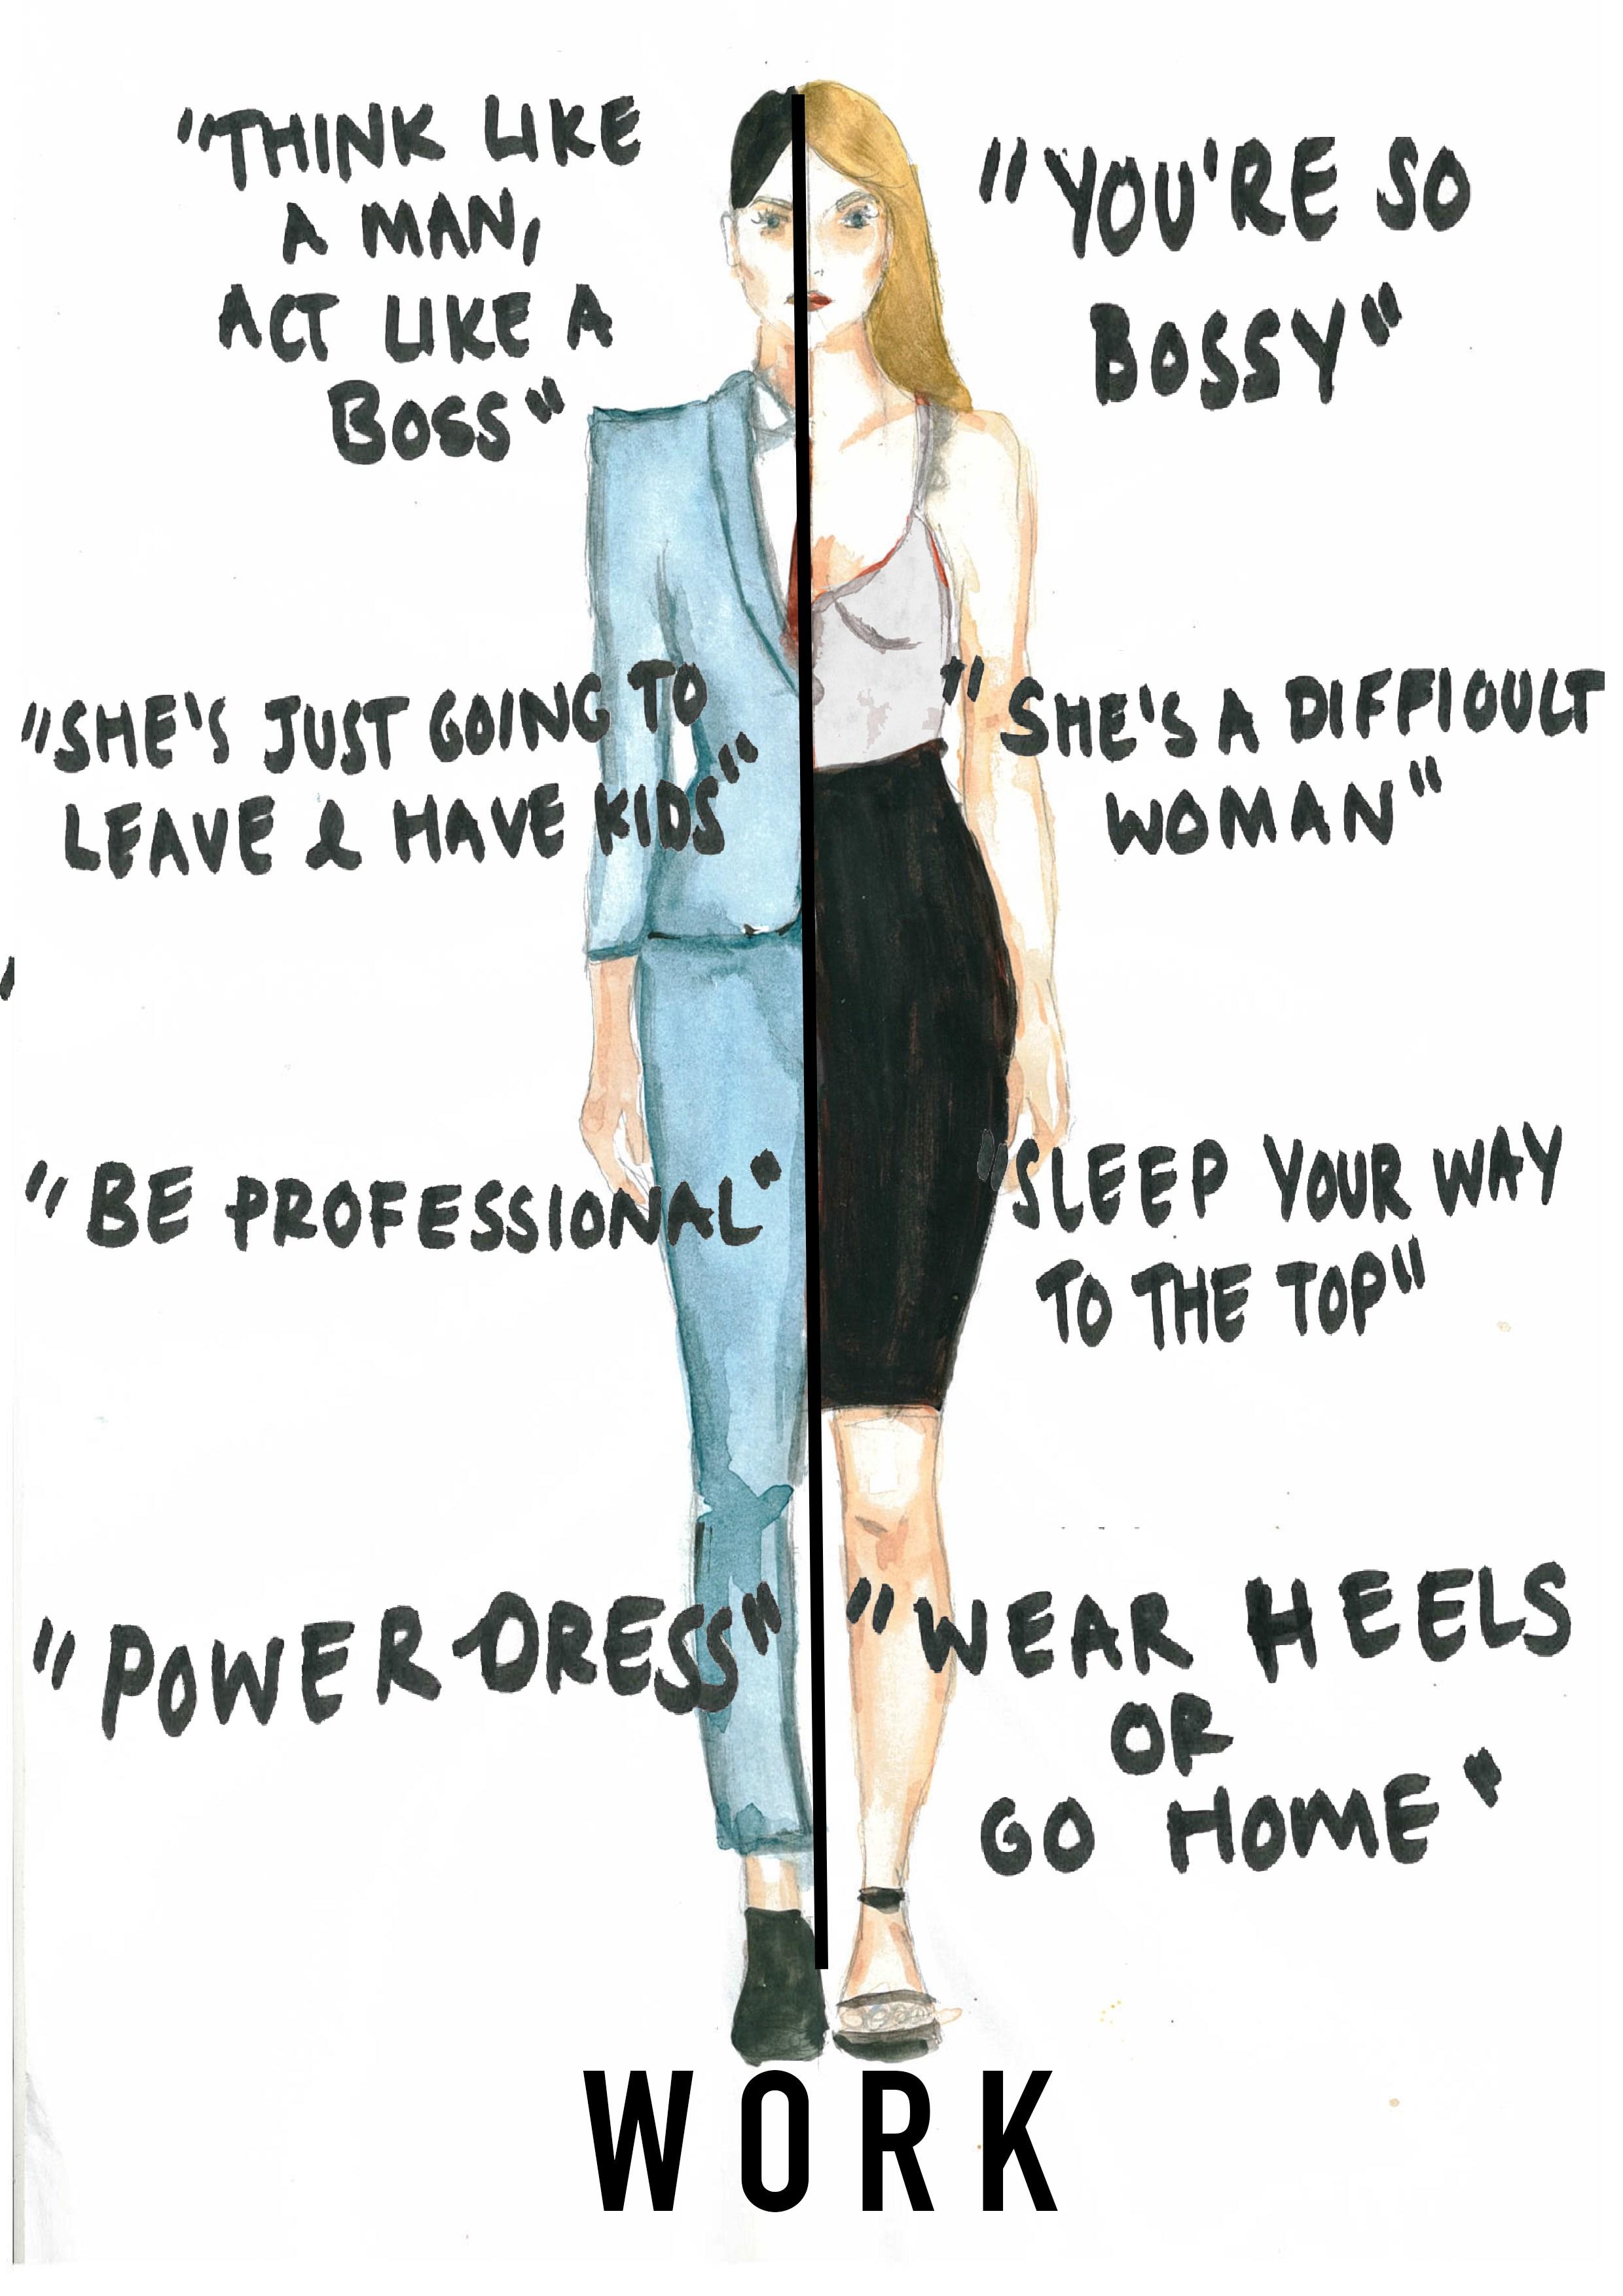 Potentes ilustraciones muestran los ridículos prejuicios que las mujeres afrontan a diario